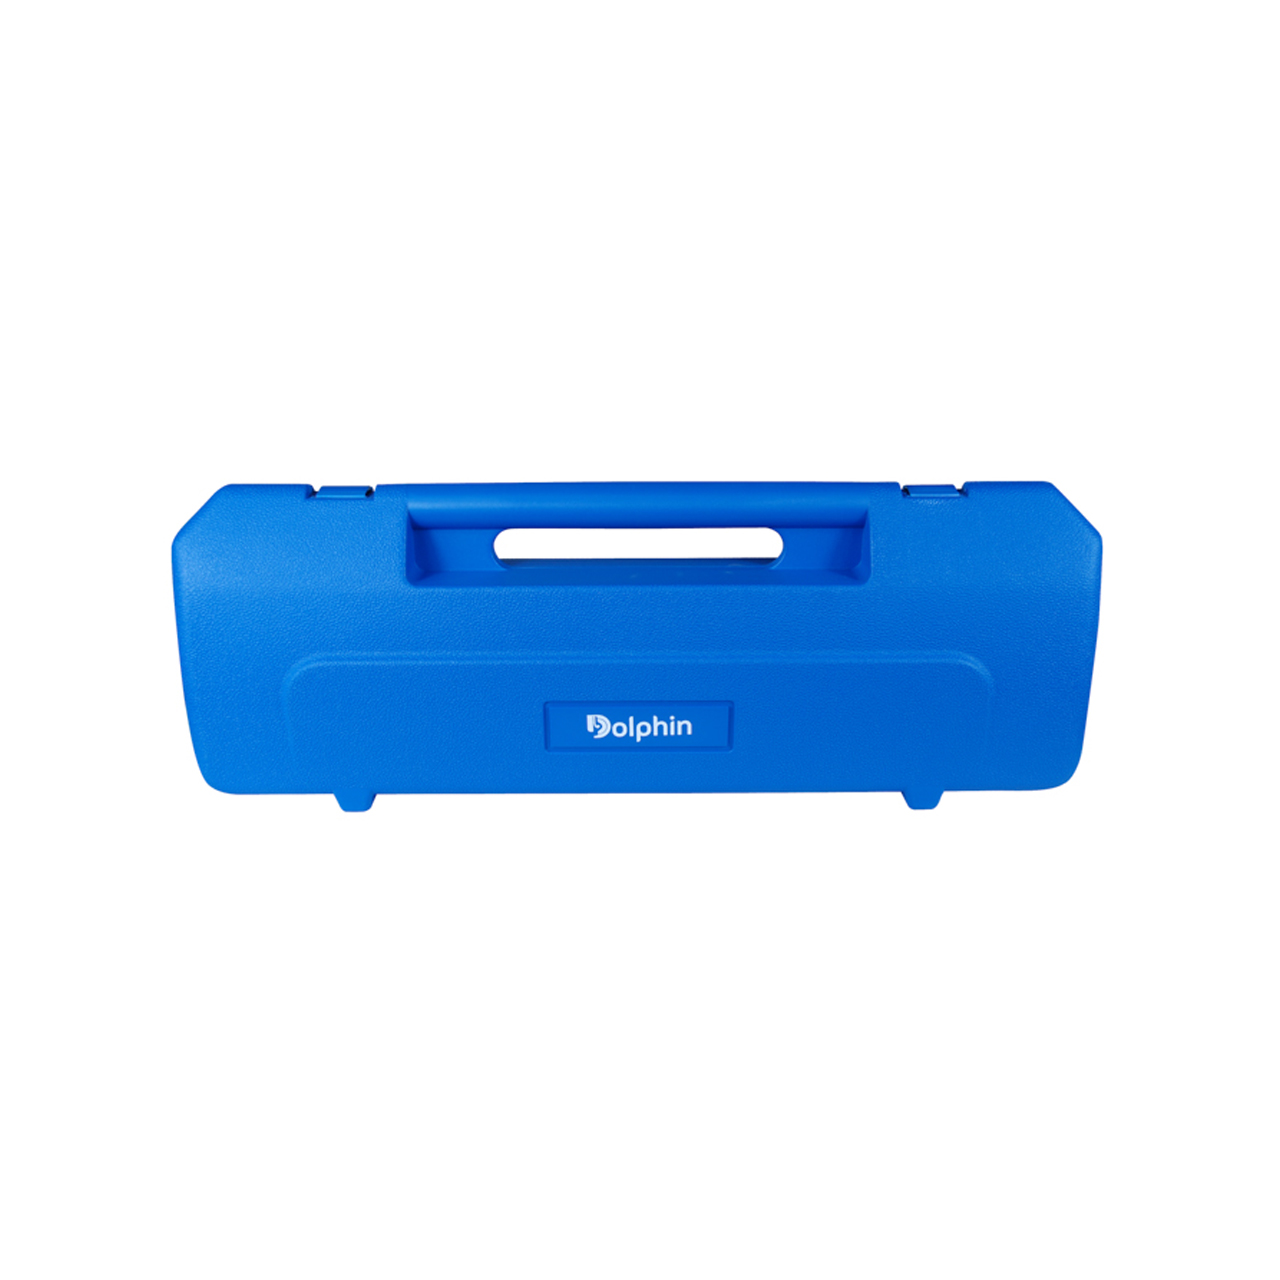 ESCALETA 32 teclas DOLPHIN C/CASE Azul